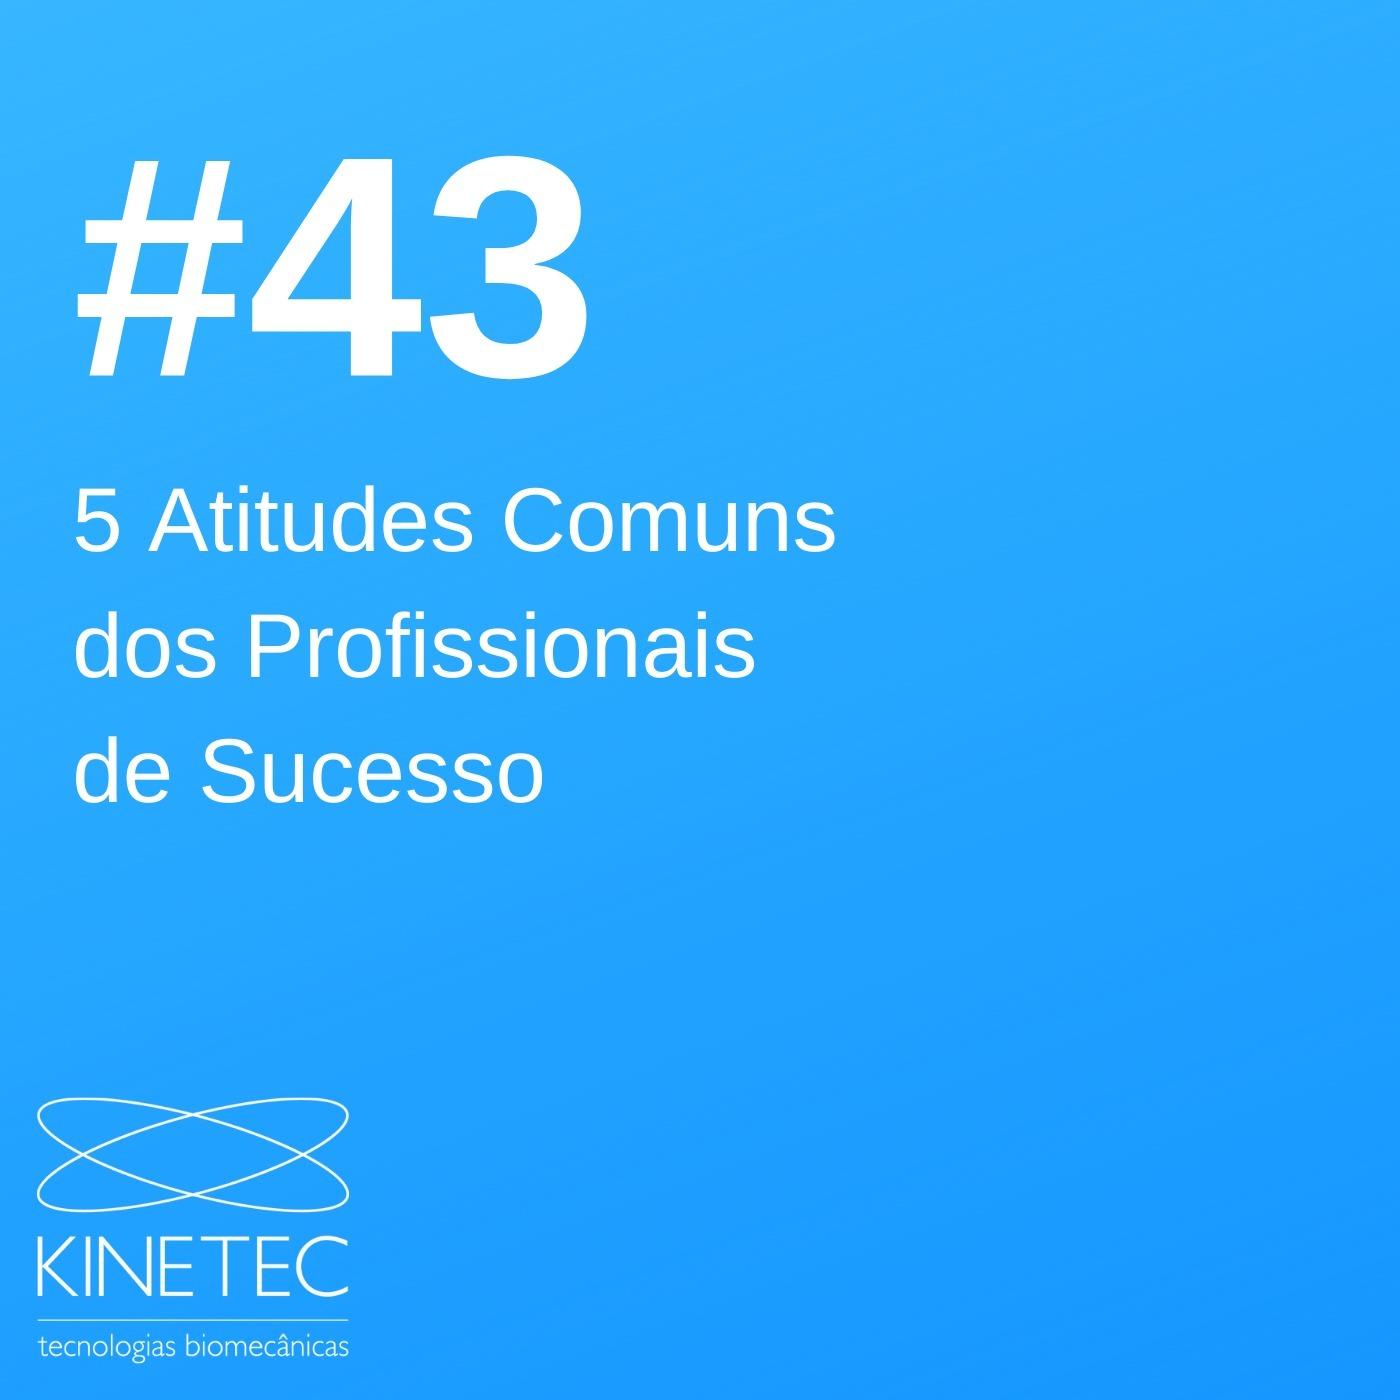 #043 5 Atitudes Comuns dos Profissionais de Sucesso